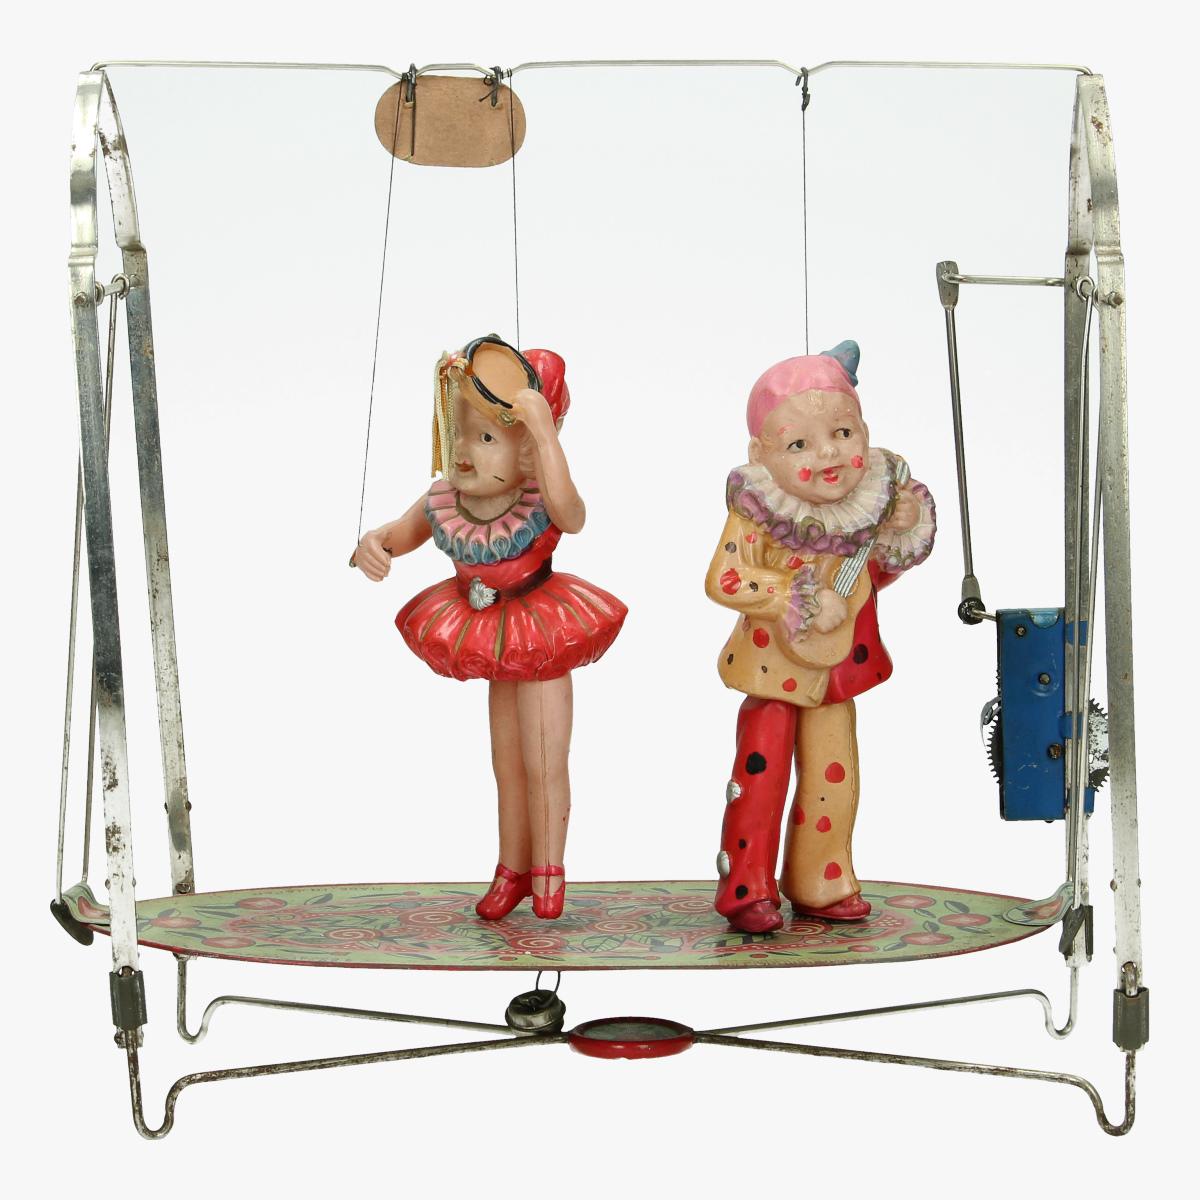 Afbeeldingen van best maid mechanical marionette theatre made in japan